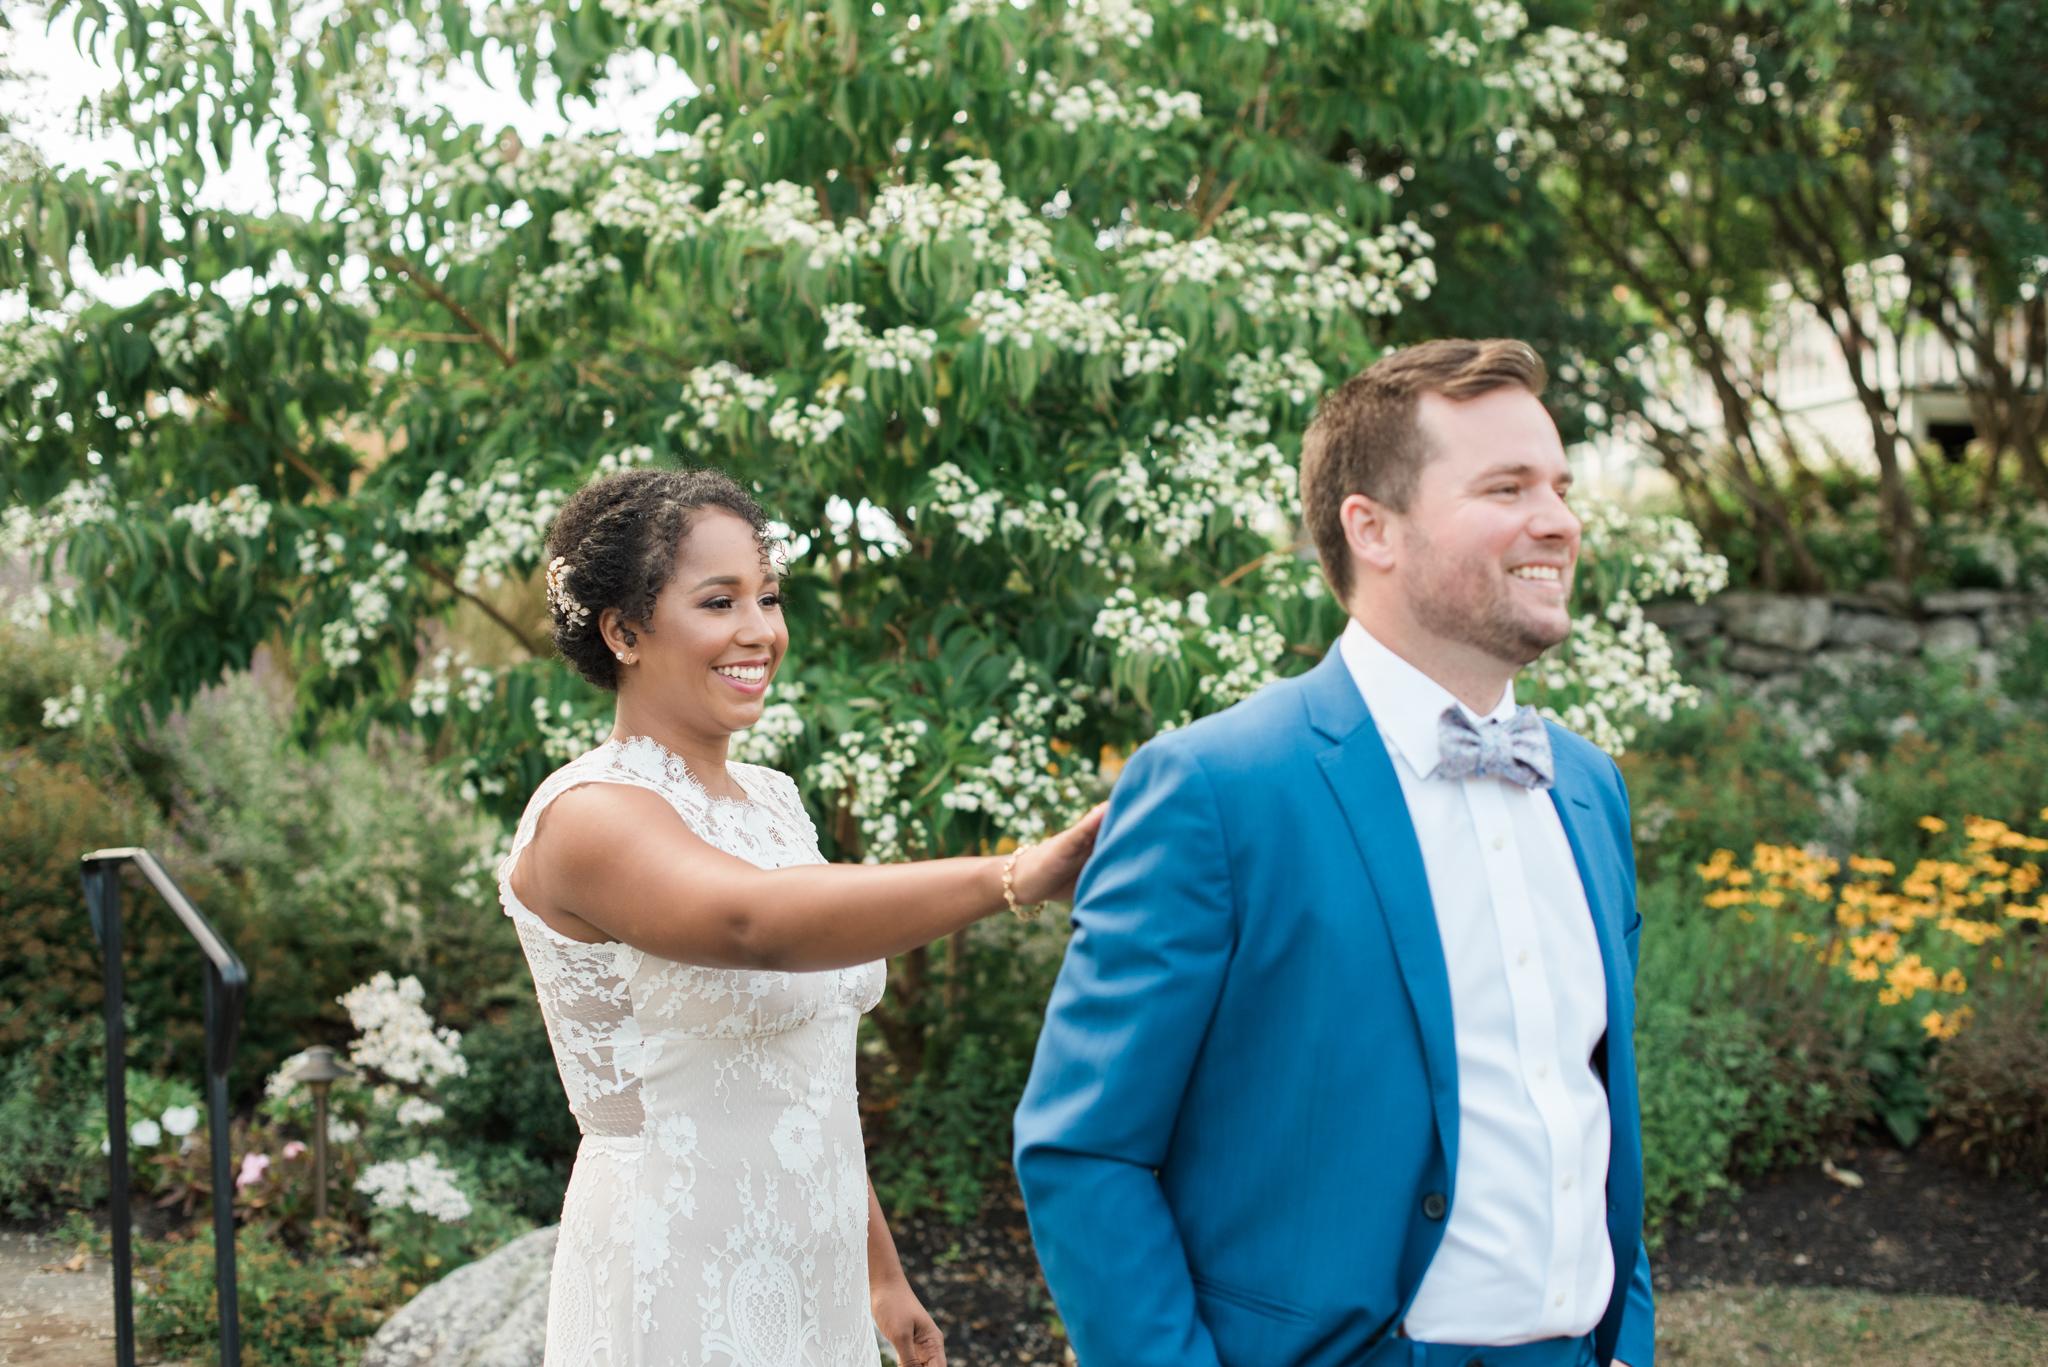 Wedding Photographer in Stockbridge MA